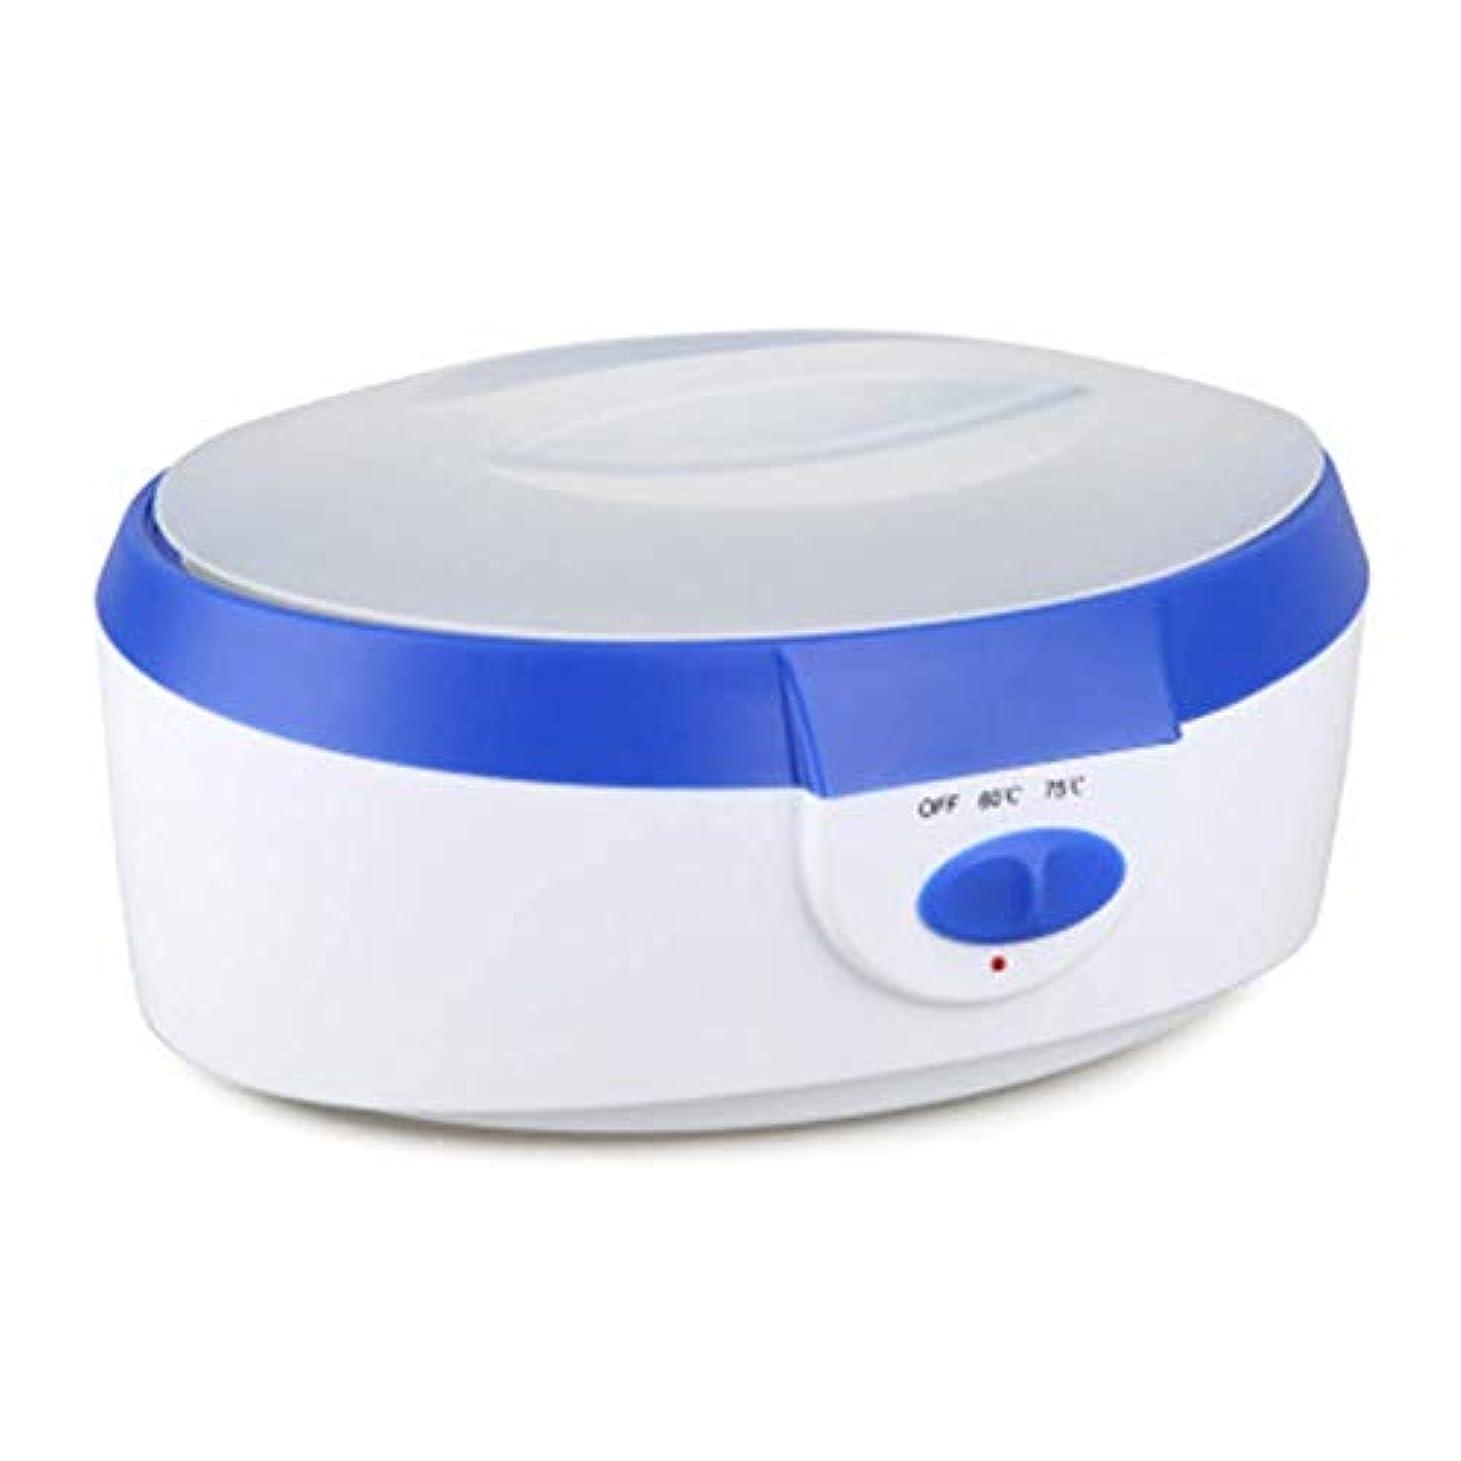 悔い改め画面補正可変温度とウォーマーと内蔵サーモ安全制御脱毛脱毛のためのすべてのワックスタイプのコンテナのワックスウォーマー、プロフェッショナル電気ワックスヒーター (Color : Blue)